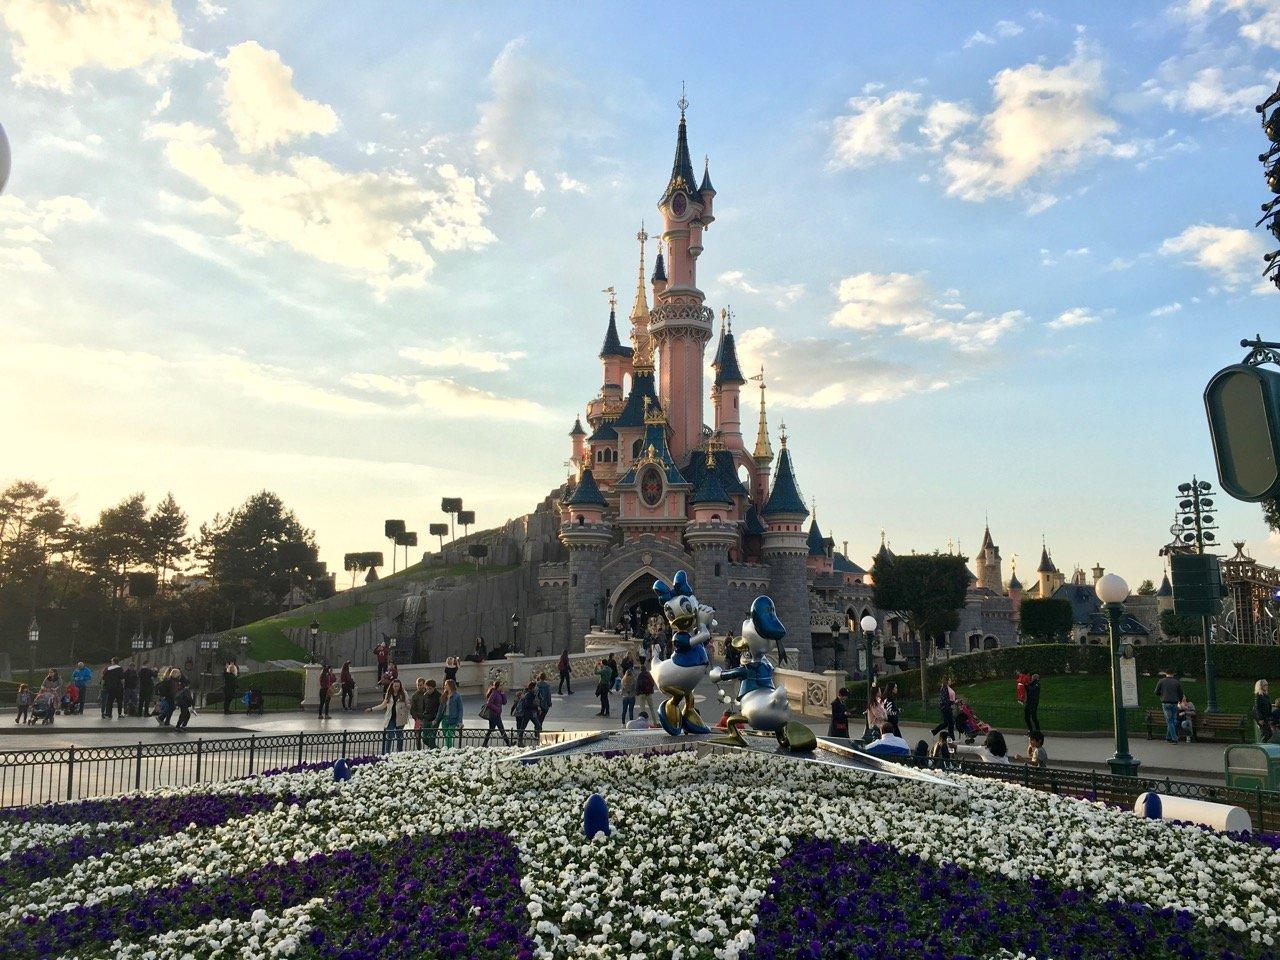 Disneyland Paris Ein Ort Voller Magie Travellerblog